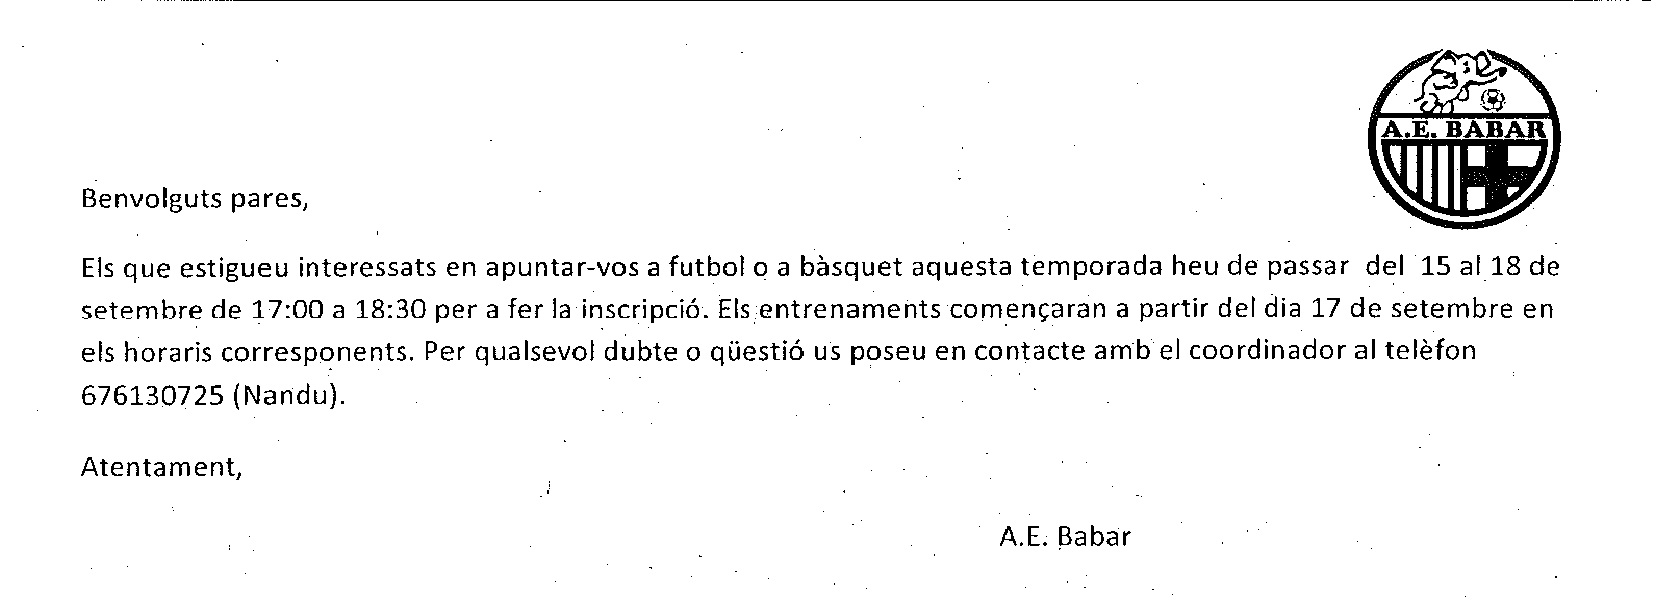 ACTIVITATS EN HORARI NO LECTIU (A.E.BABAR)